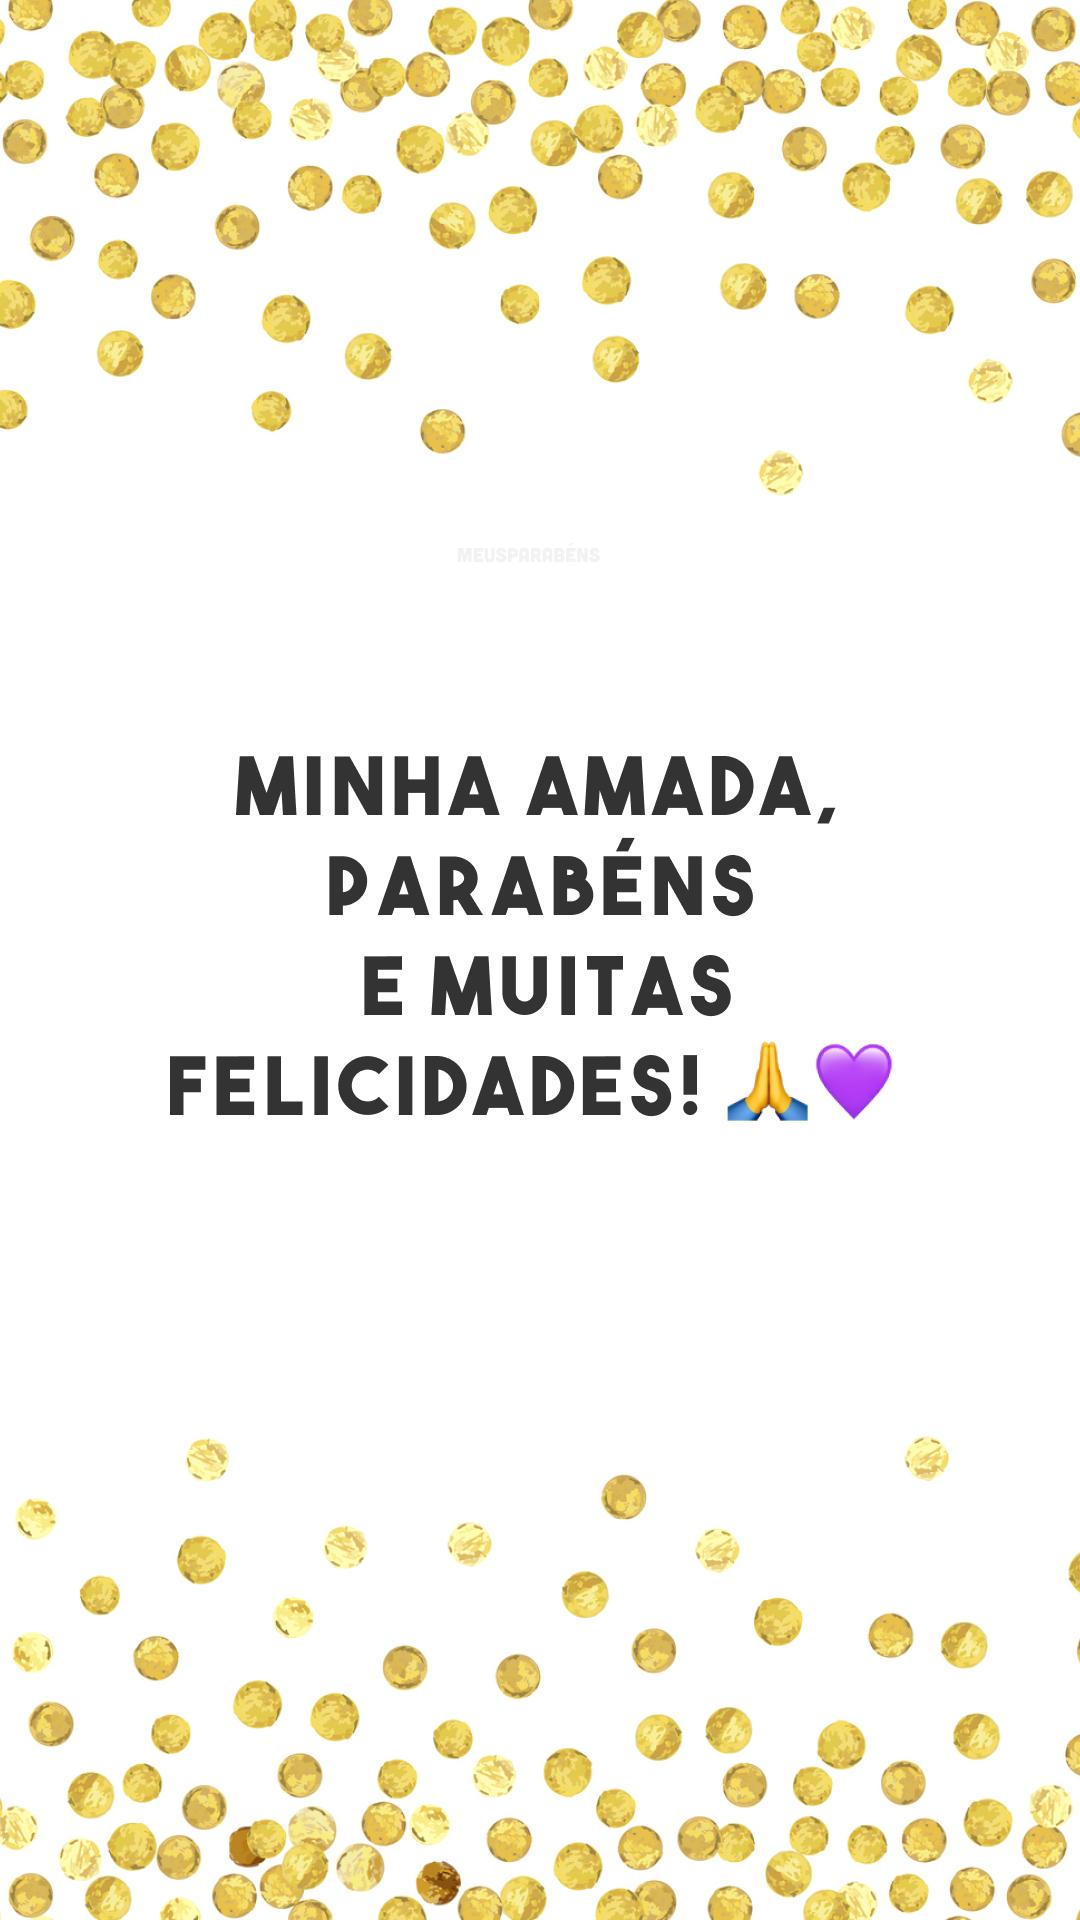 Minha amada, parabéns e muitas felicidades! 🙏💜<br />